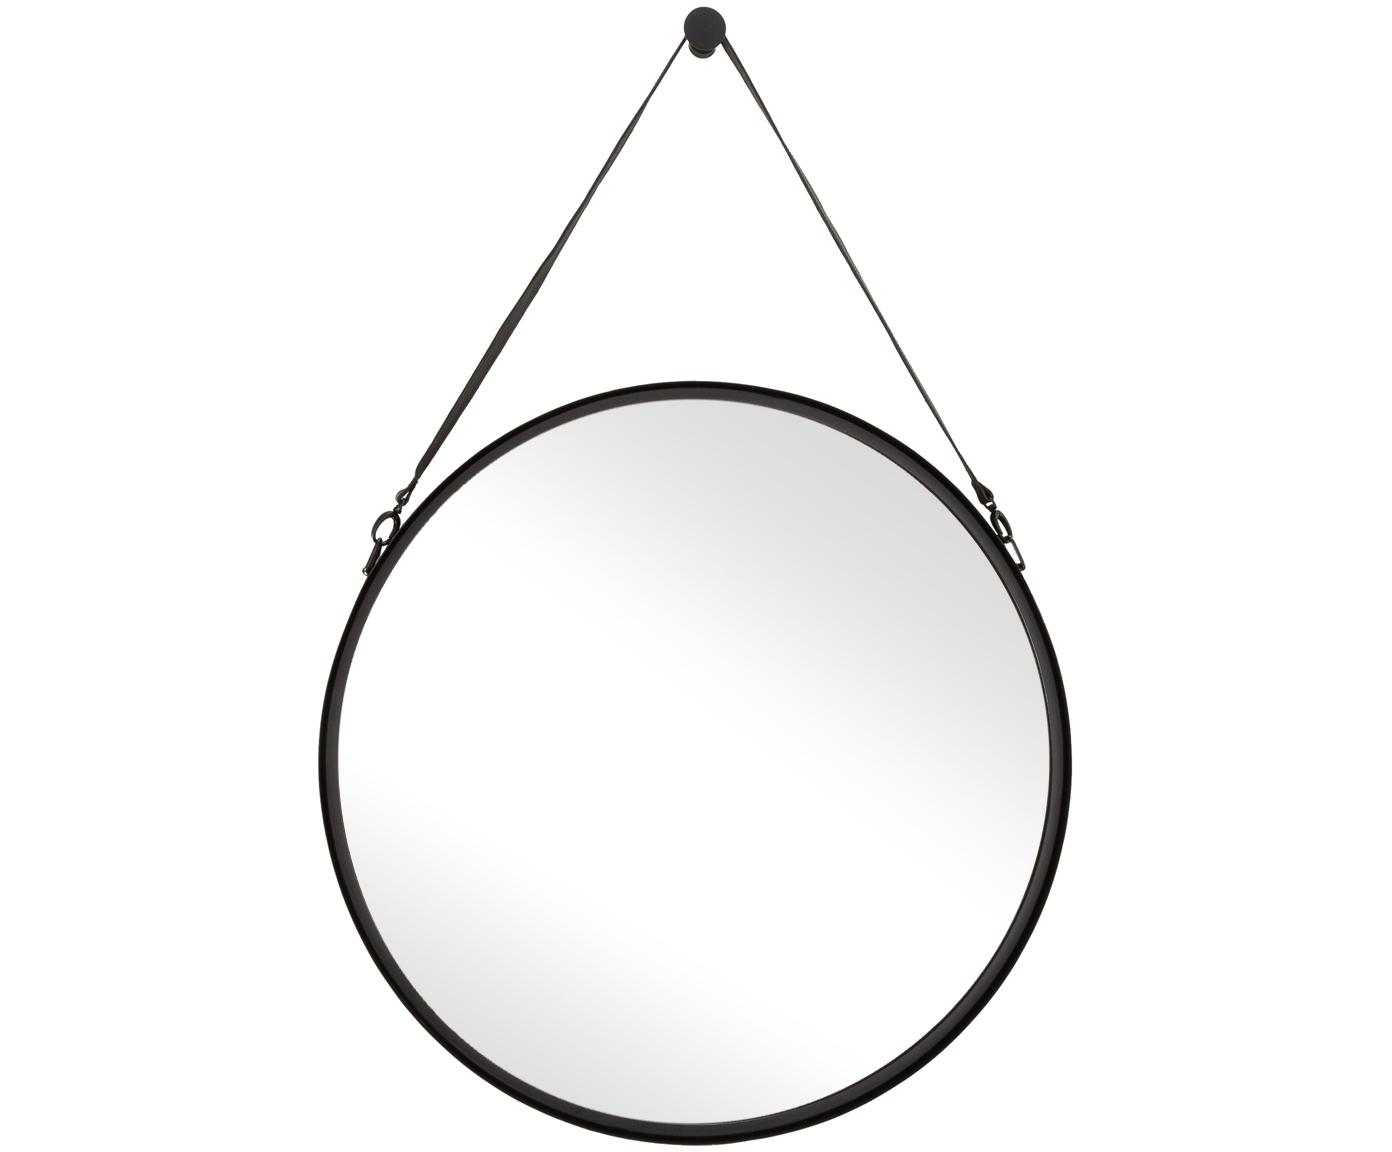 Runder Wandspiegel Liz mit schwarzer Lederschlaufe, Spiegelfläche: Spiegelglas, Rückseite: Mitteldichte Holzfaserpla, Schwarz, Ø 80 cm